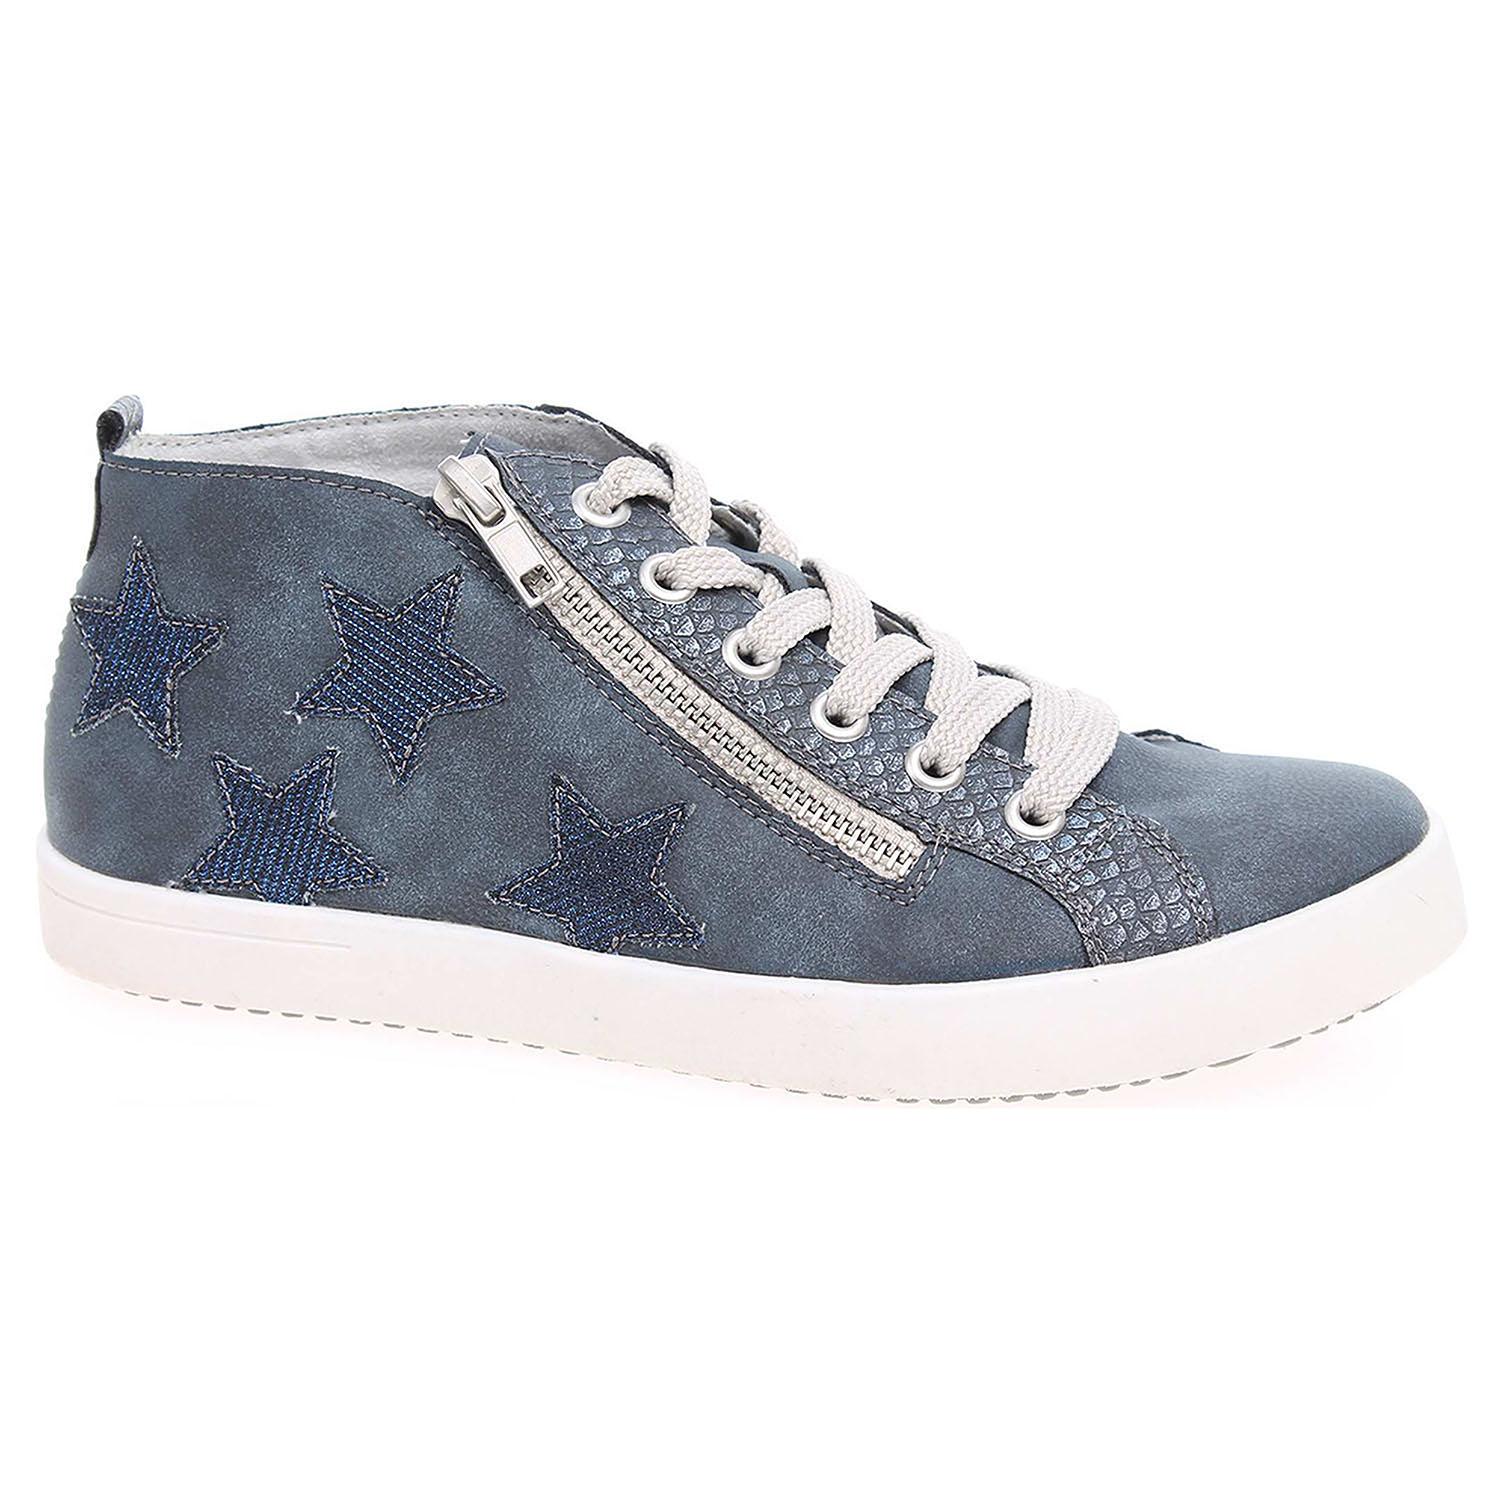 Dívčí kotníková obuv Rieker K5200-14 modré 39